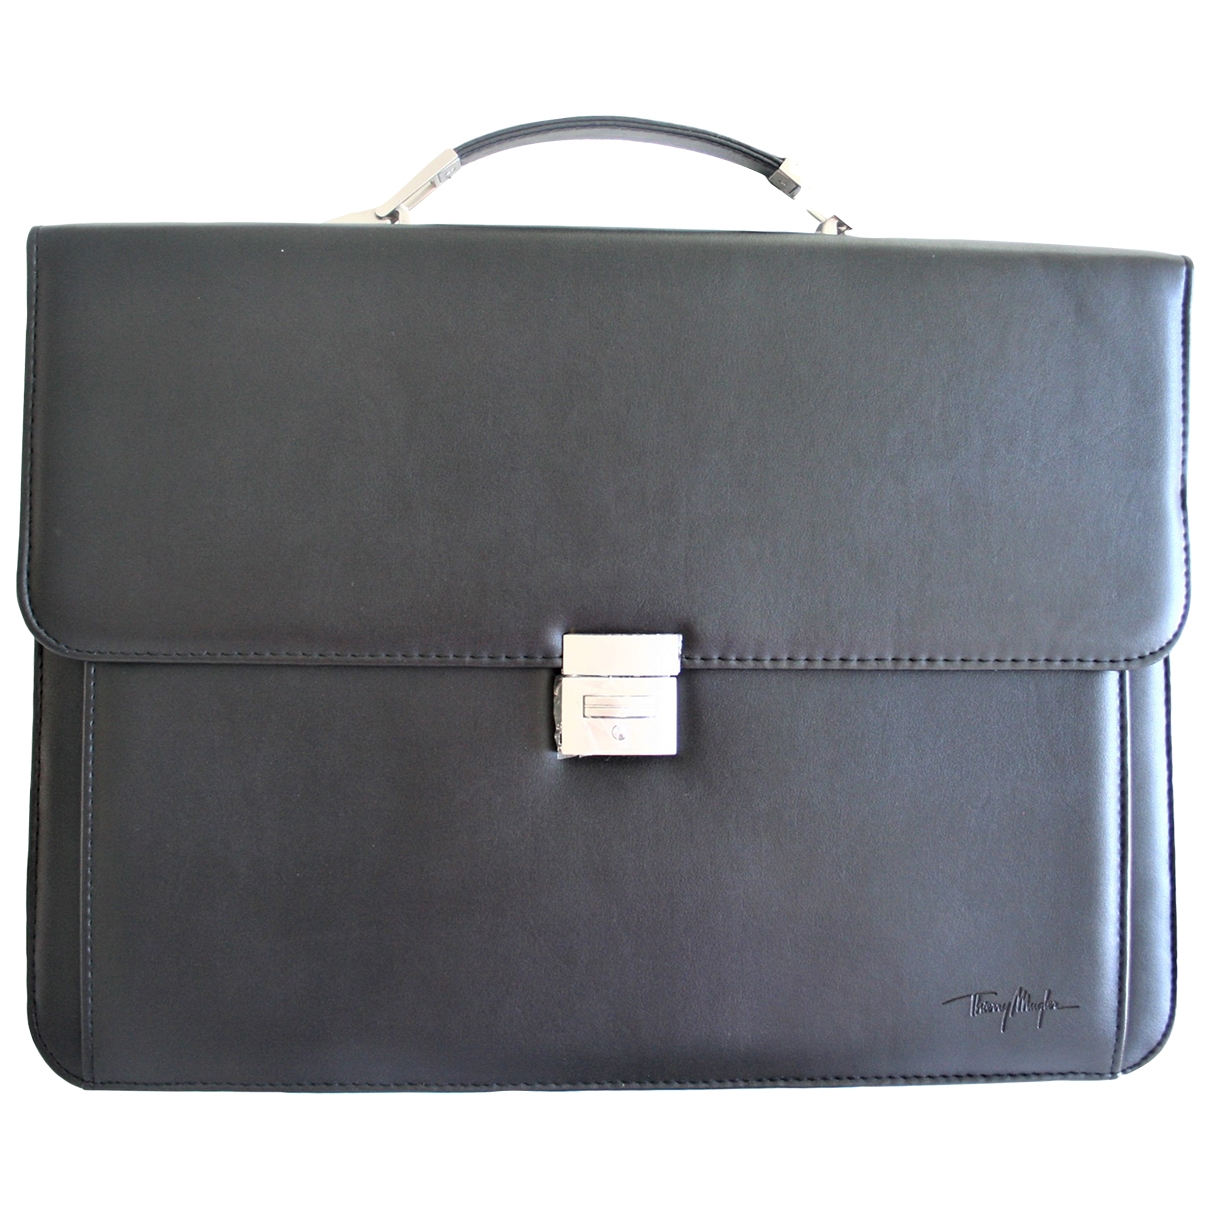 Thierry Mugler \N Handtasche in  Schwarz Synthetik